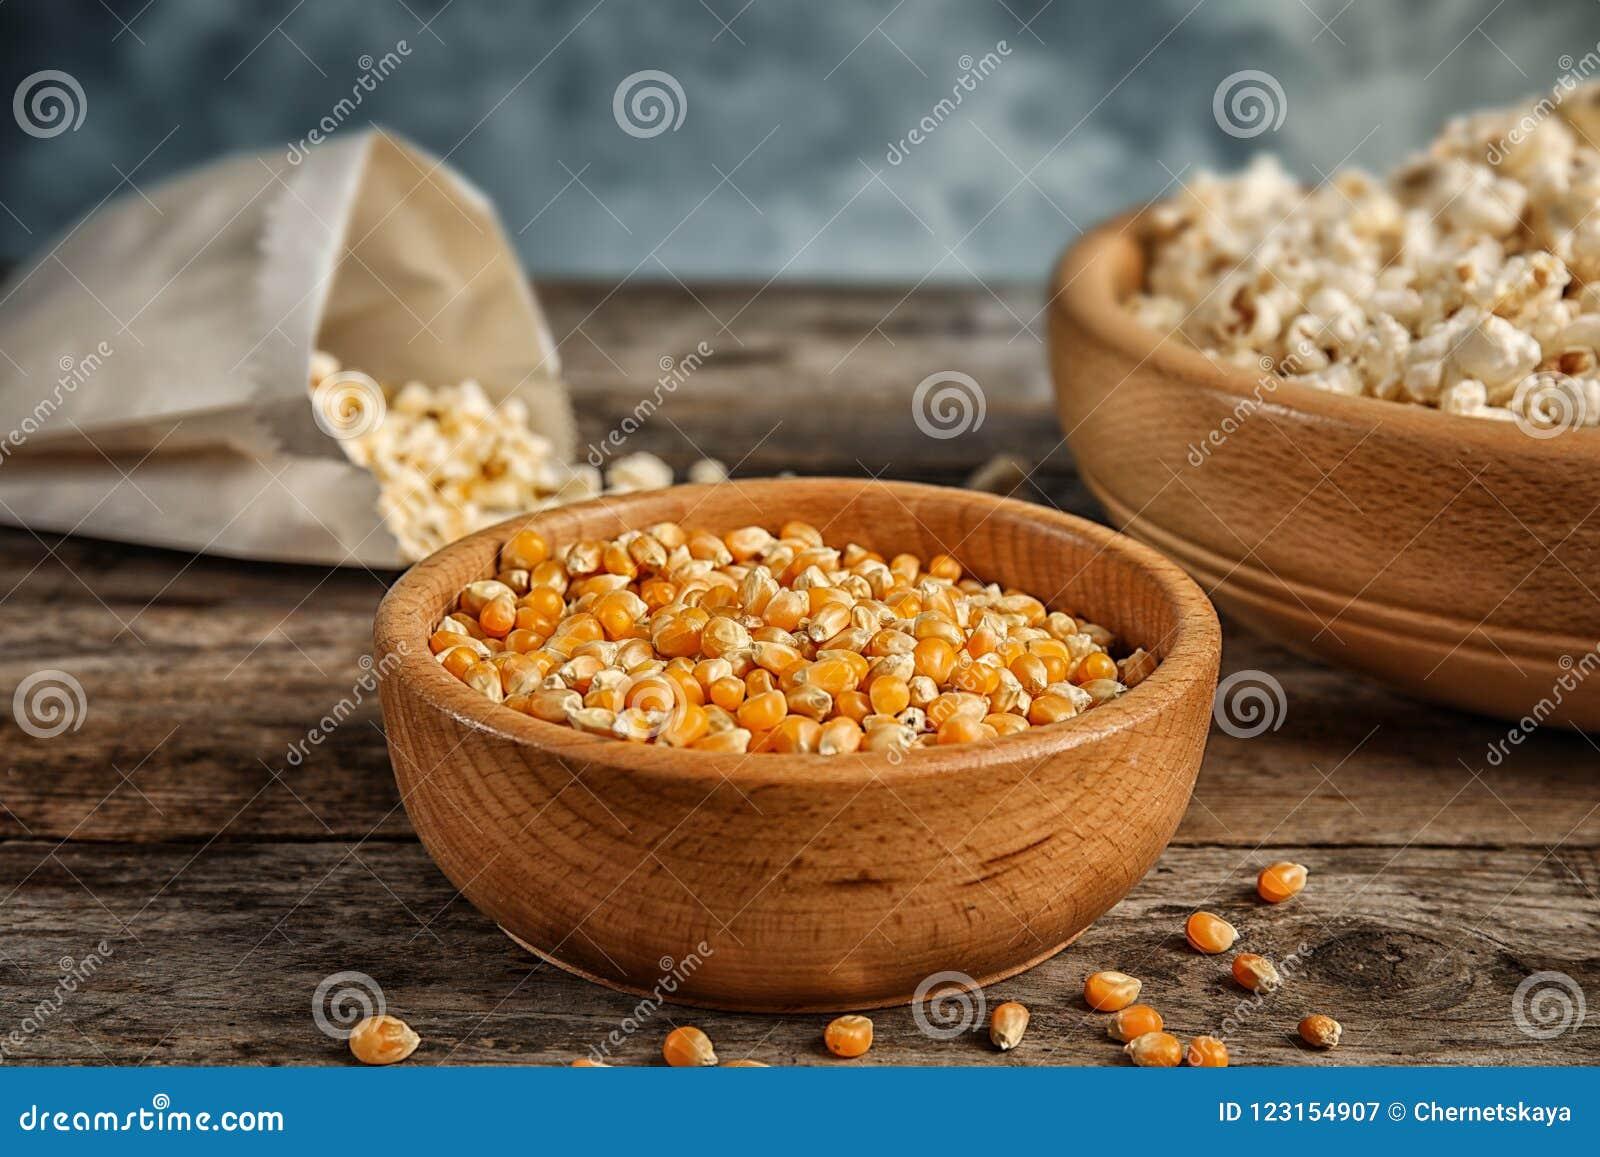 Kom met pitten en popcorn